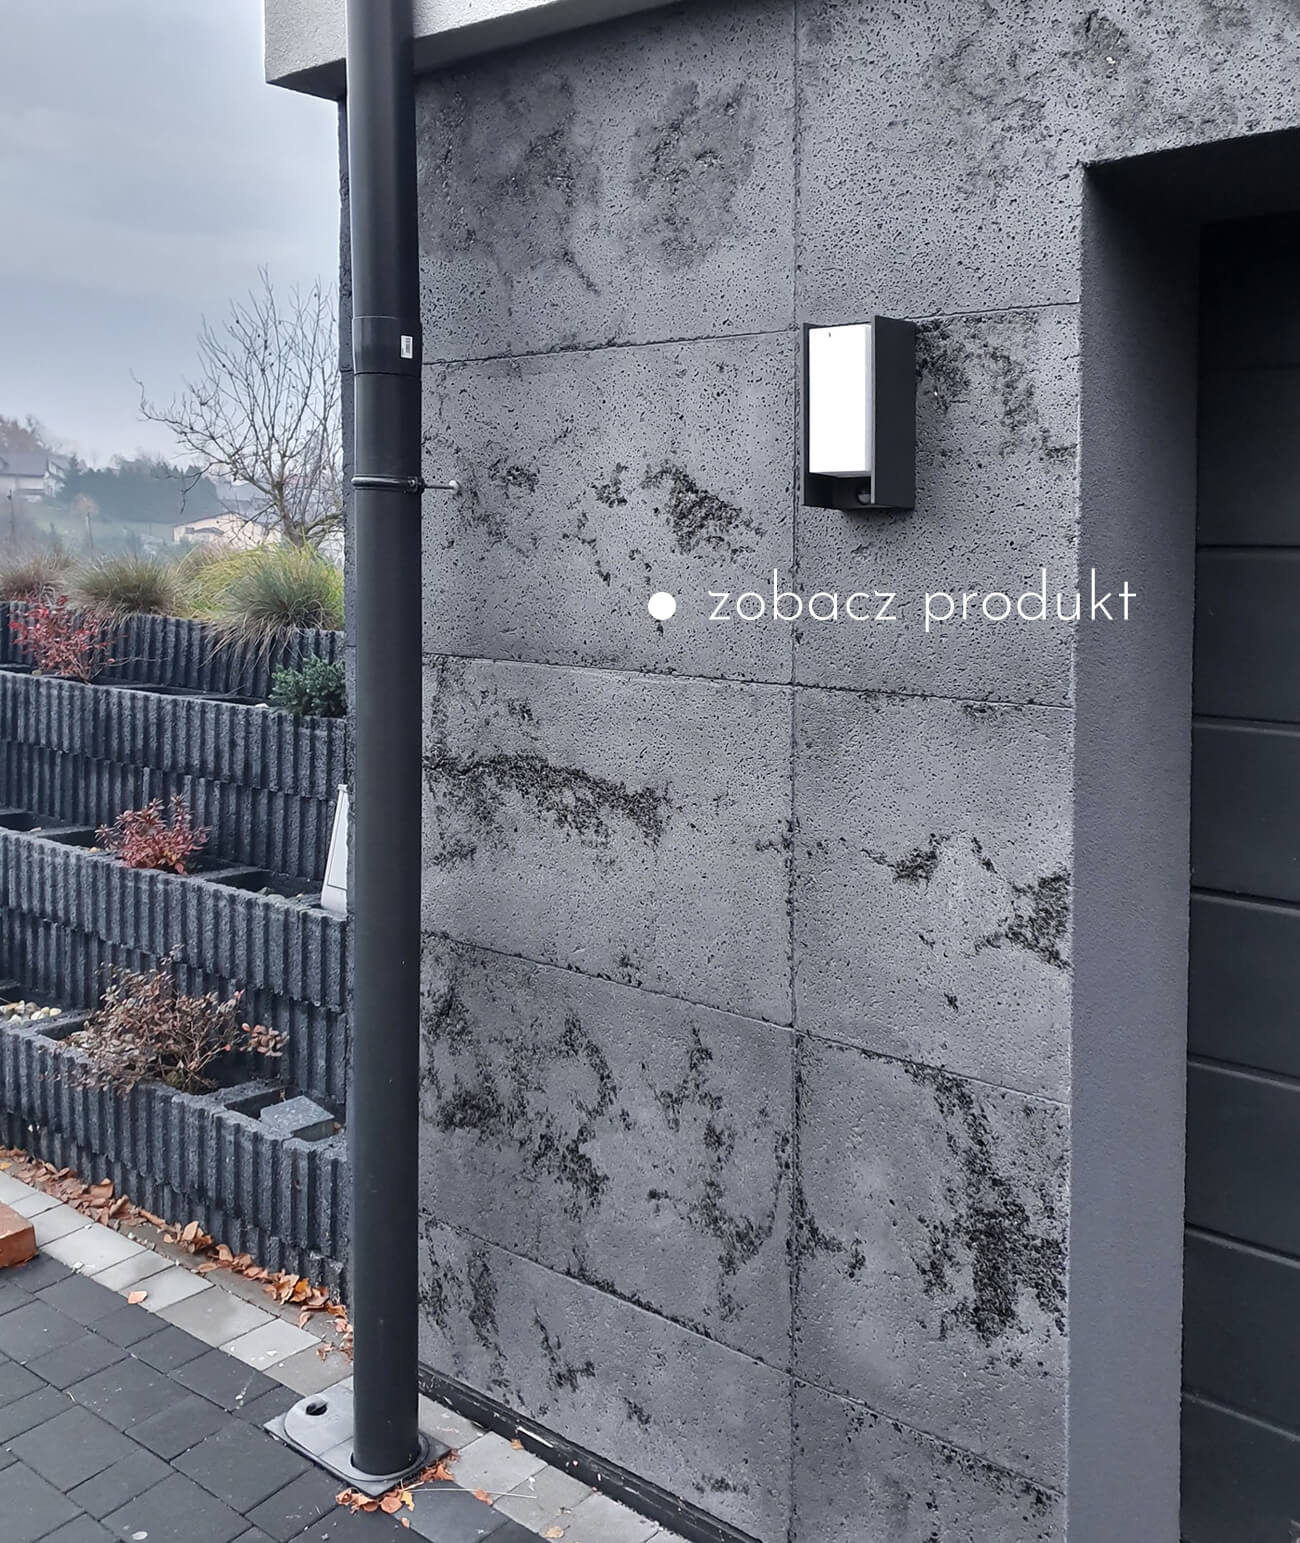 plyty-betonowe-scienne-i-elewacyjne-beton-architektoniczny_1210-24890-ds-szary-czarne-kruszywo-plyta-beton-architektoniczny-grc-ultralekka